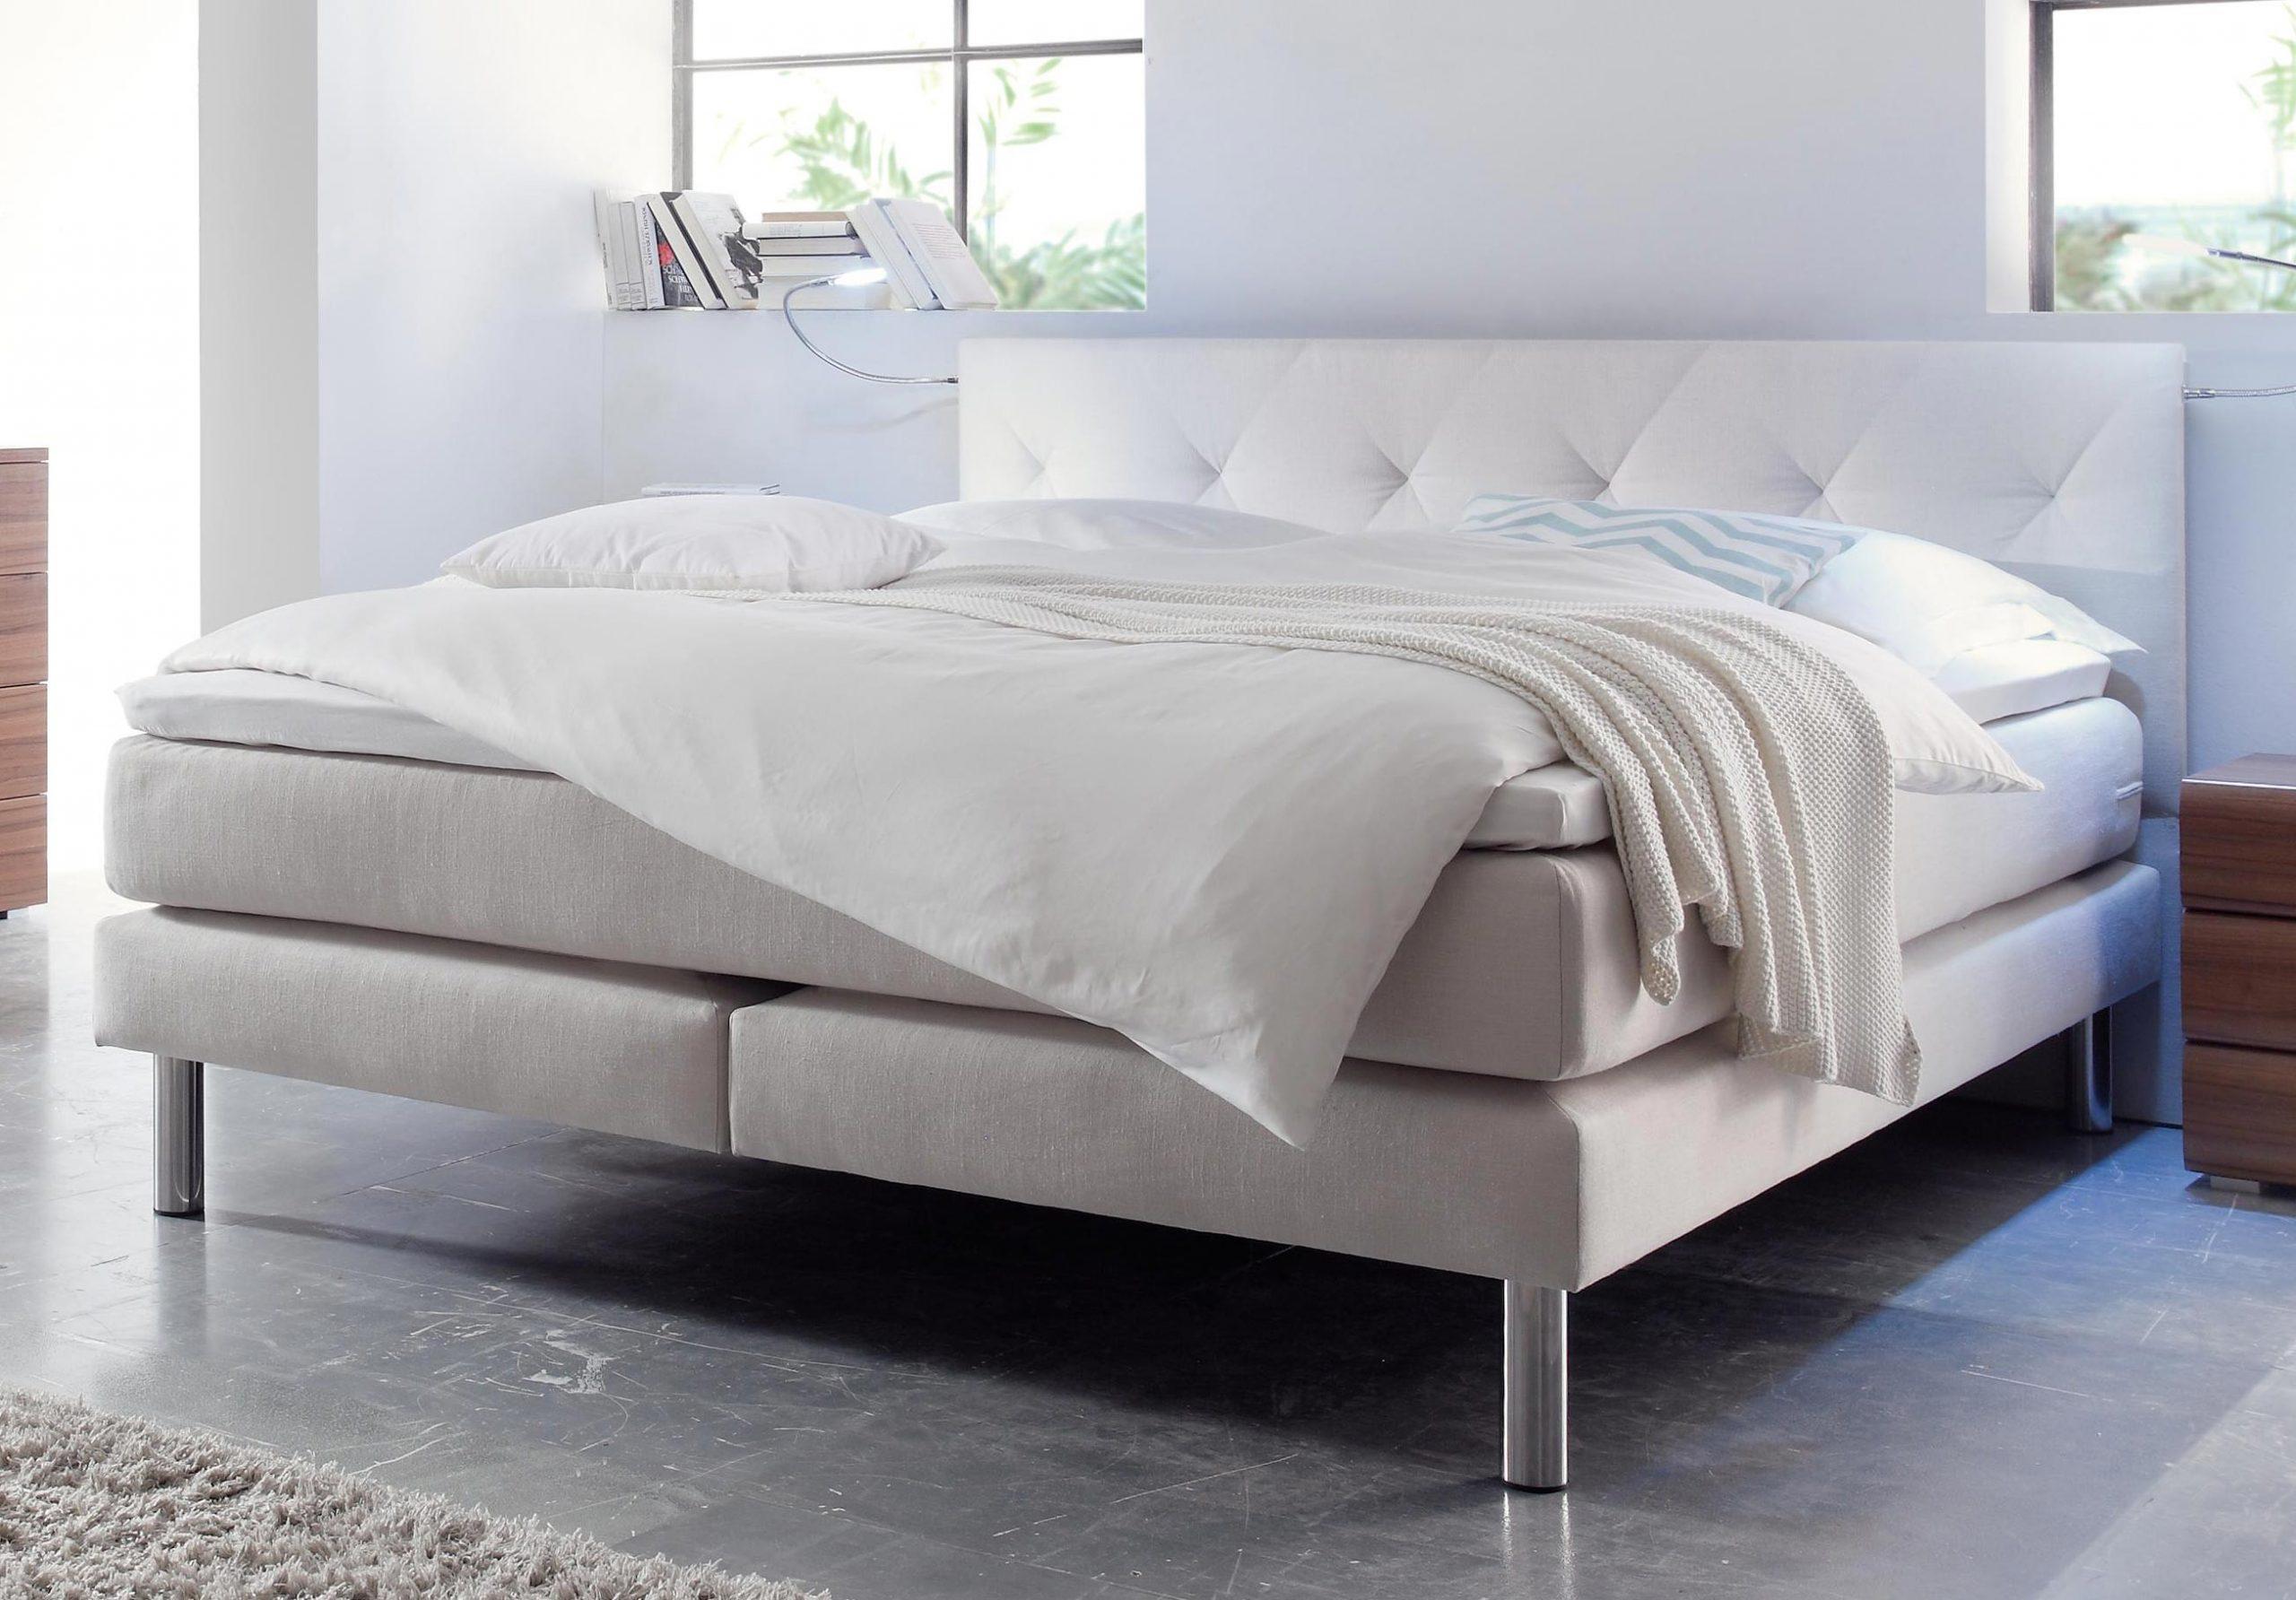 Full Size of Nolte Betten Bett Modern Design Italienisches Puristisch Tempur Ebay Team 7 Günstig Kaufen Amerikanische Für übergewichtige Amazon 180x200 Dico Japanische Bett Nolte Betten